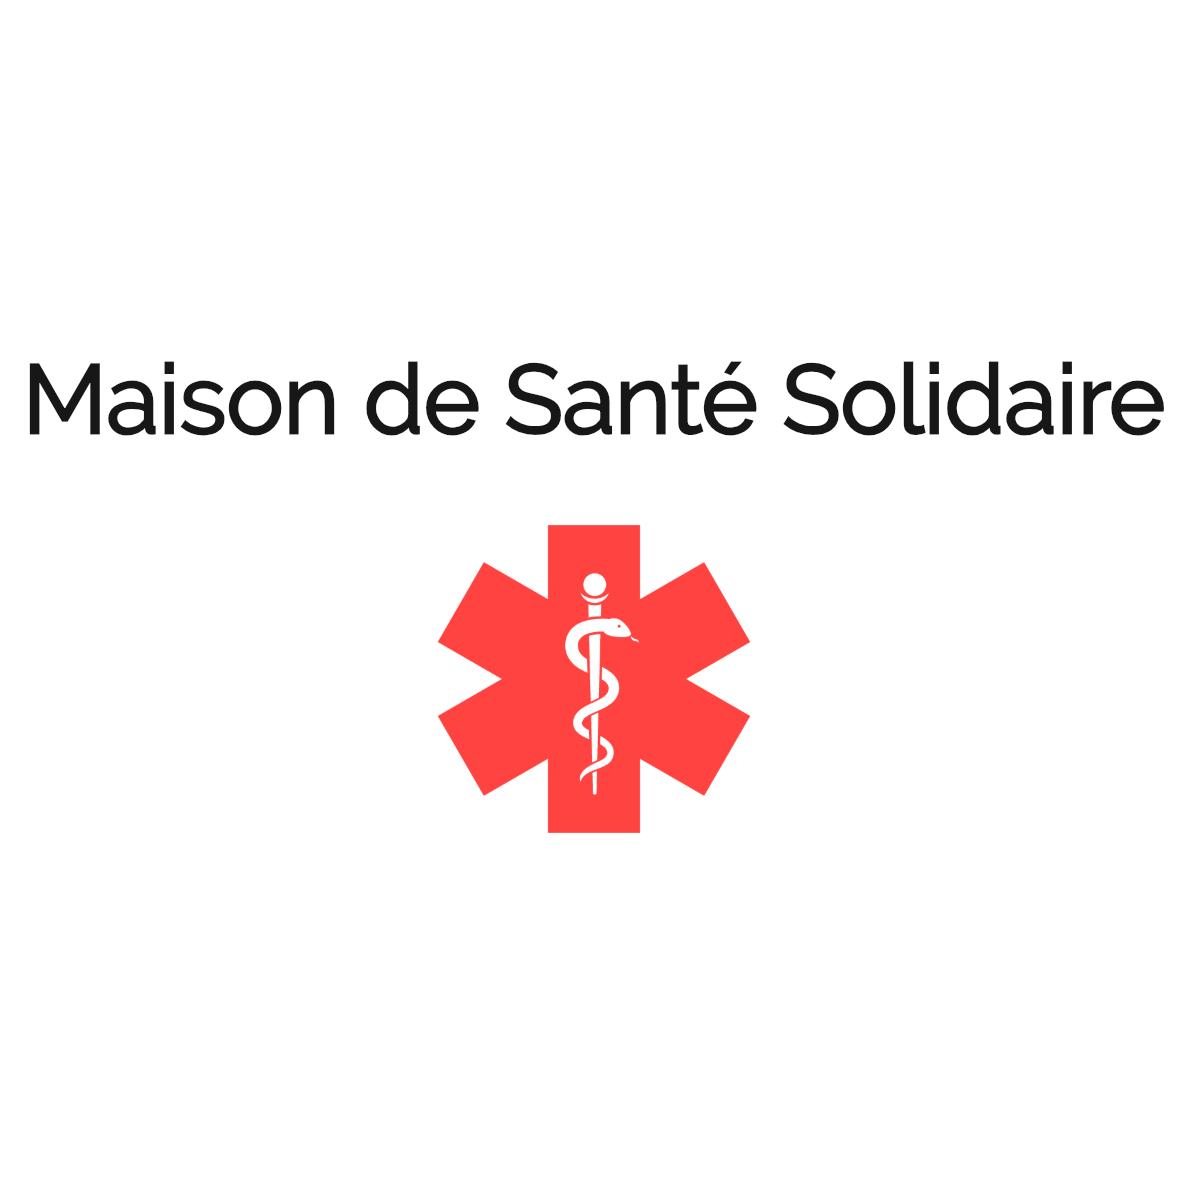 Maison de Santé Solidaire